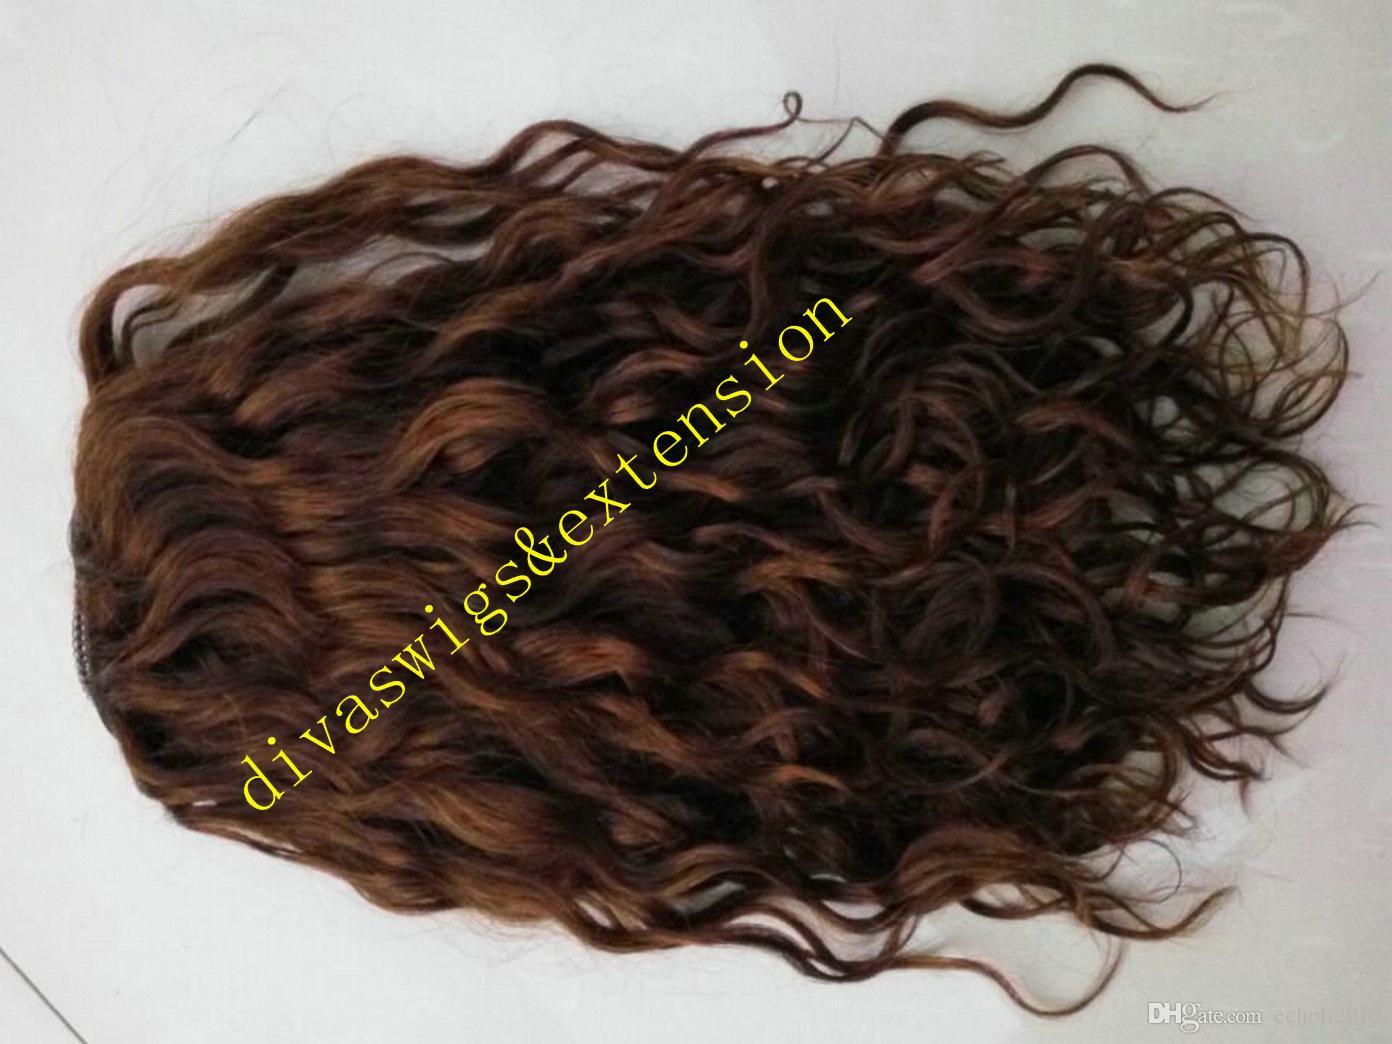 Bellezza naturale capelli ondulati puff remy Capelli umani Coda di cavallo Estensioni Capelli Vergini brasiliani Coda di cavallo parrucchino con coulisse marrone # 4